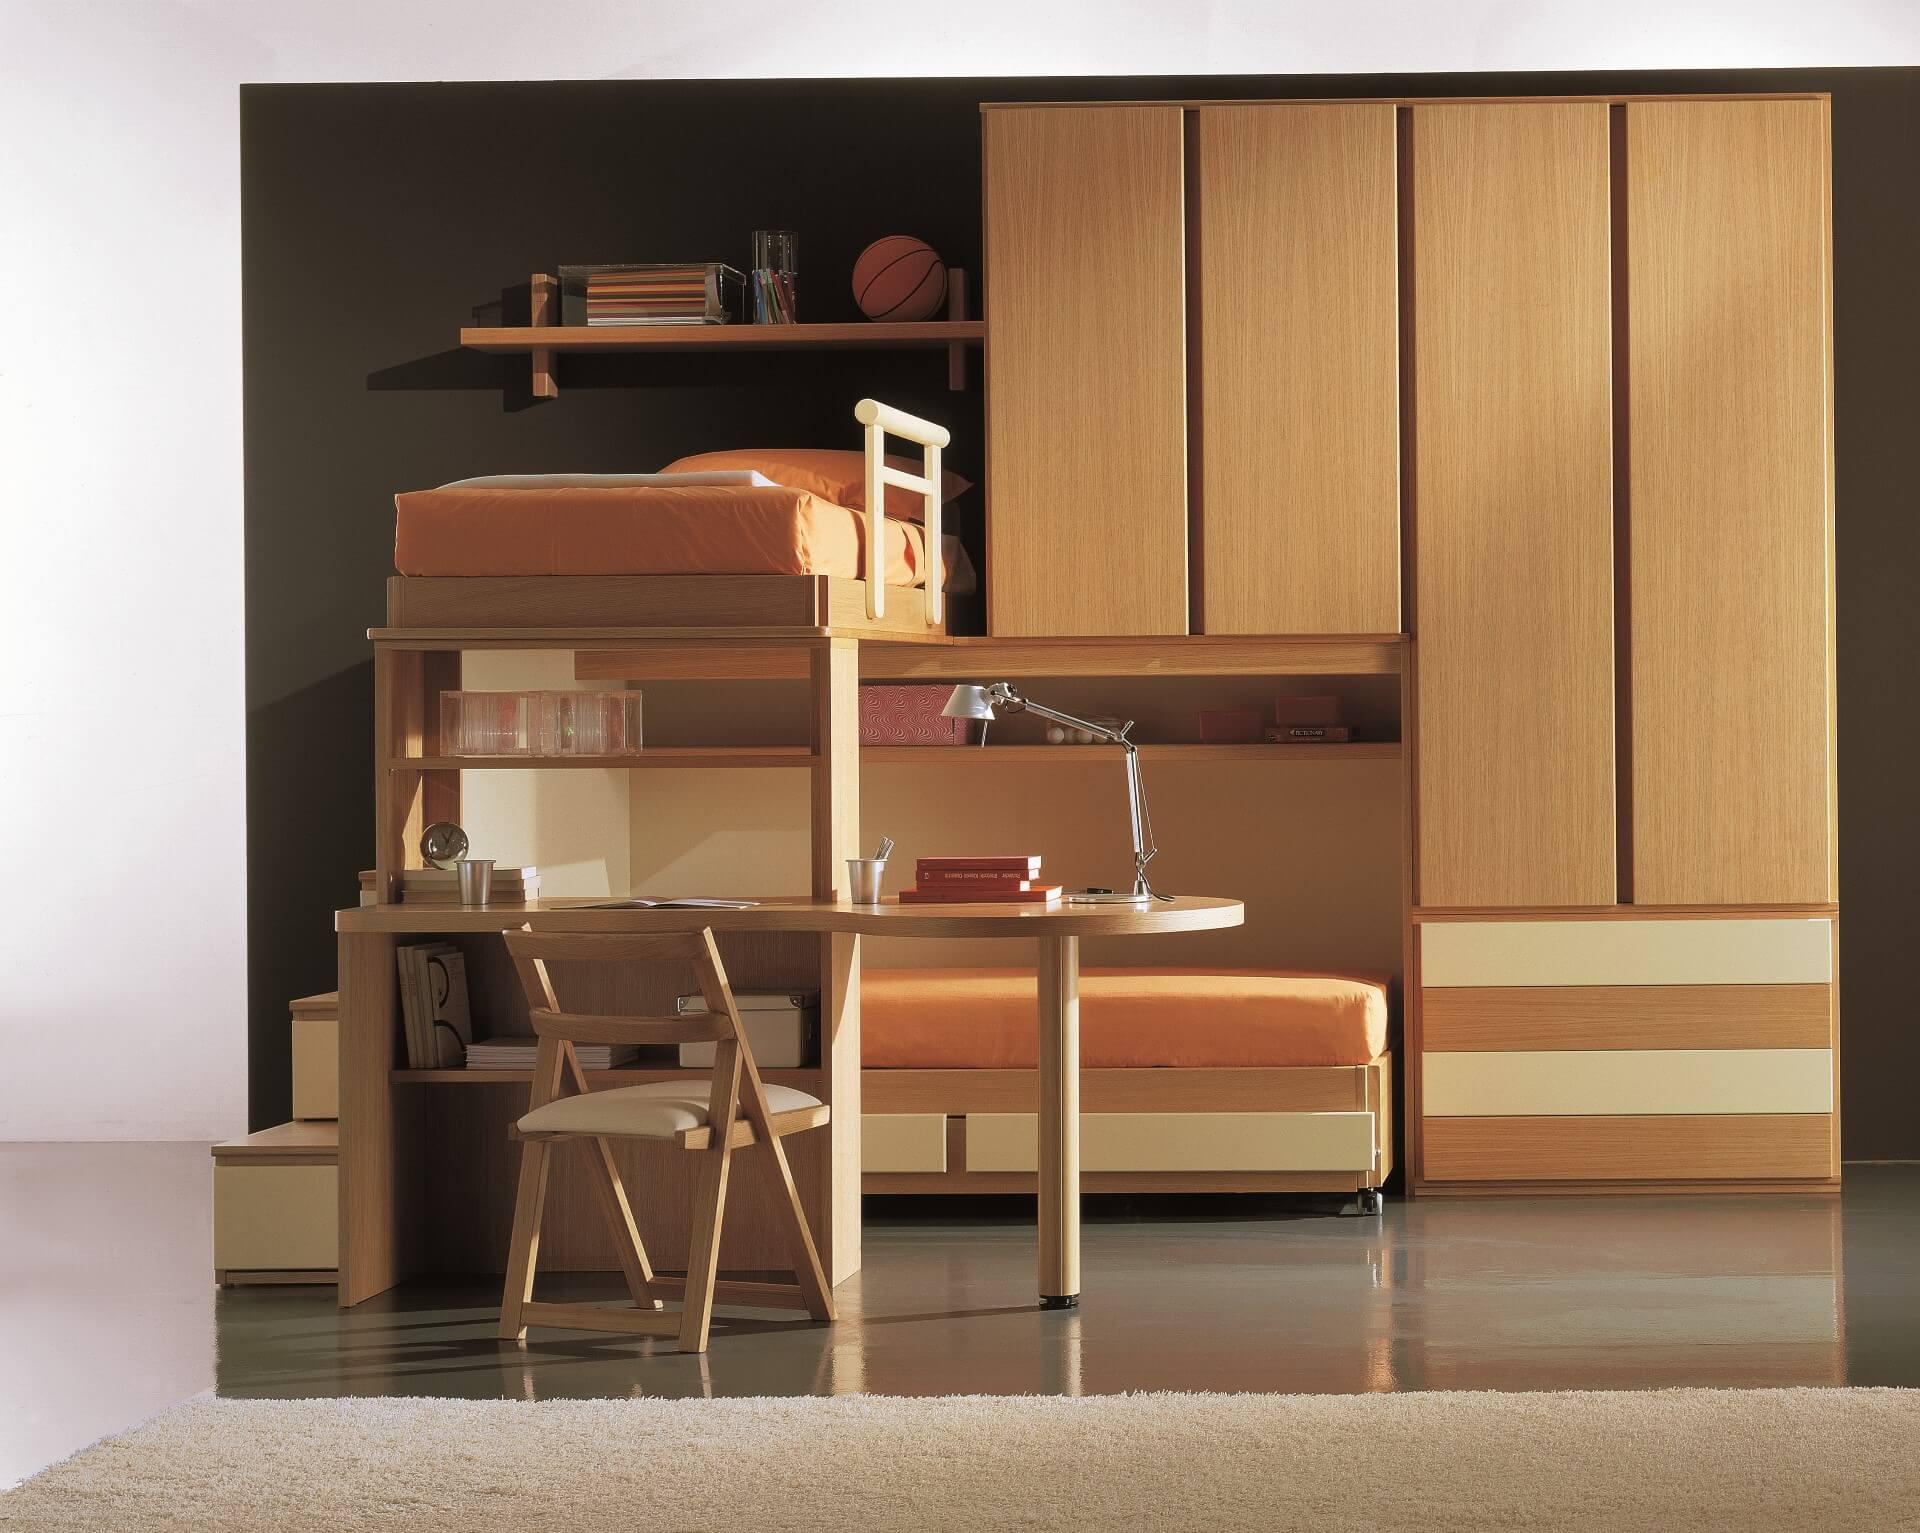 Camera con letto castello e scaletta contenitore marzorati - Letto soppalco legno ...